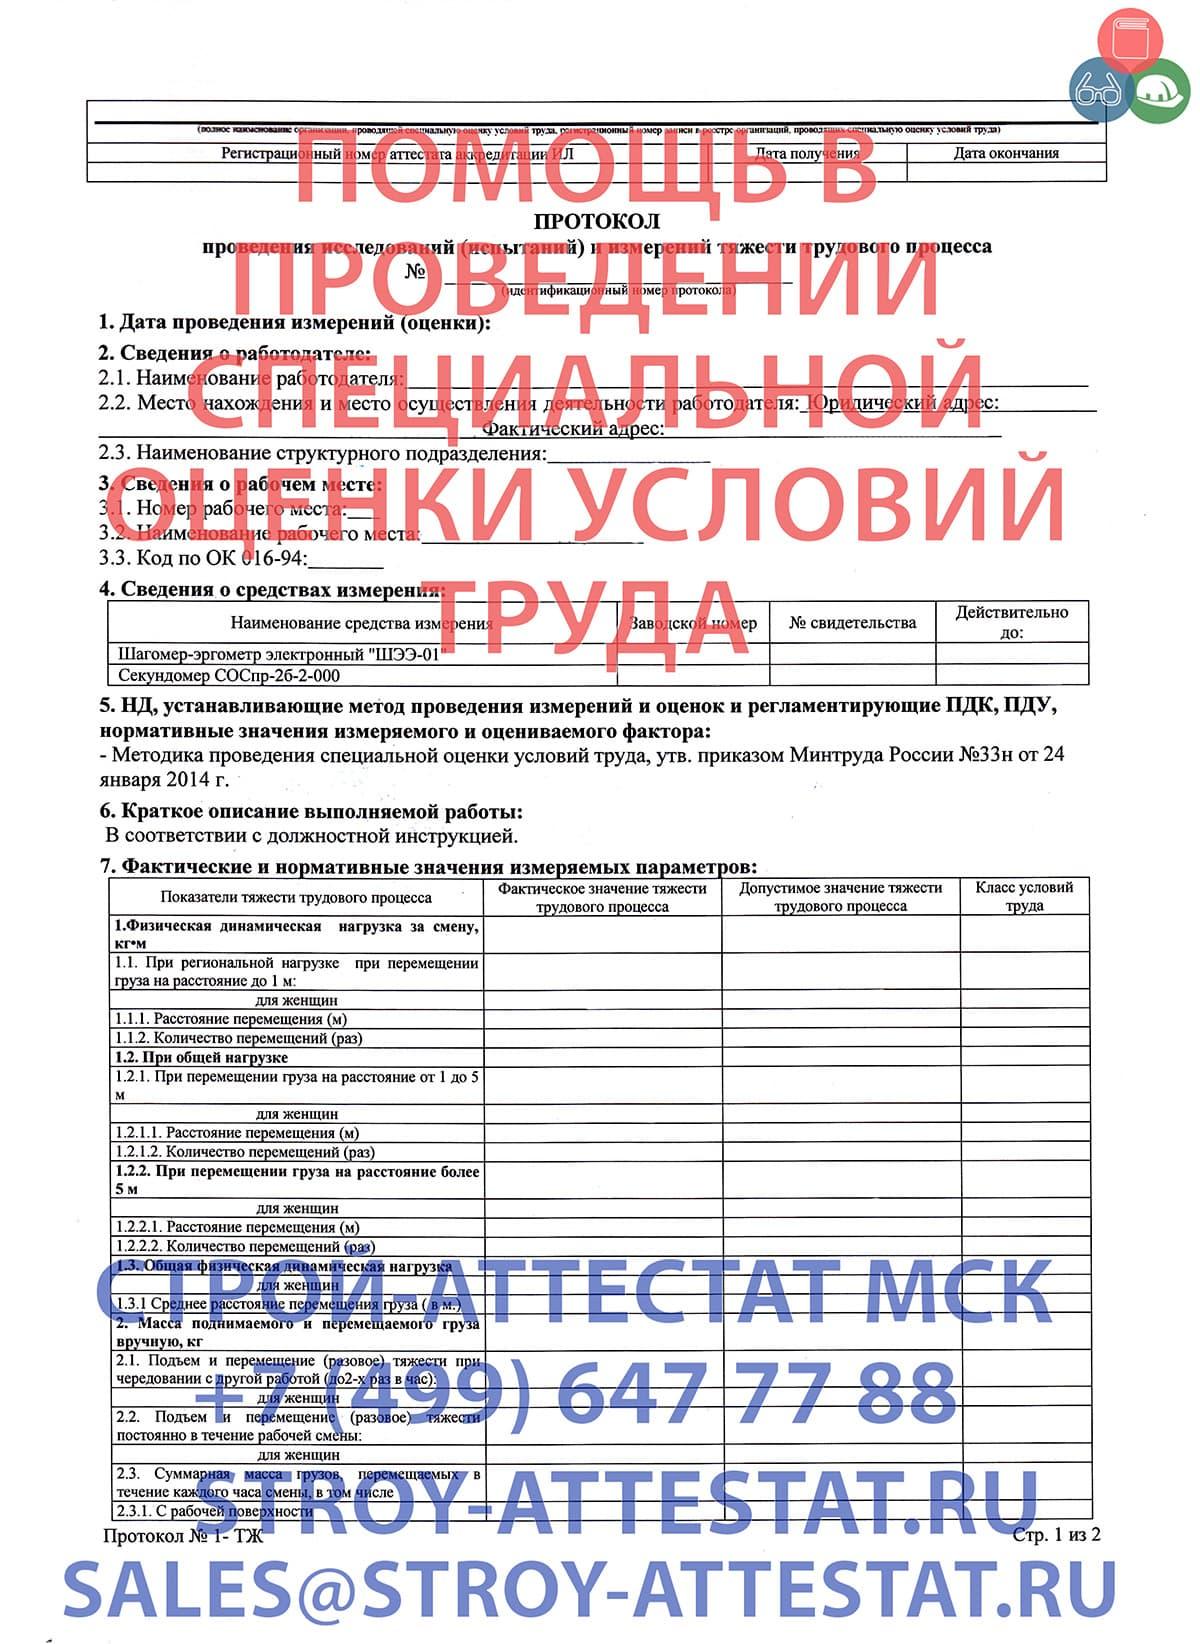 Аттестация и сертификация рабочих мест 2015 сертификация майкрософт сдача